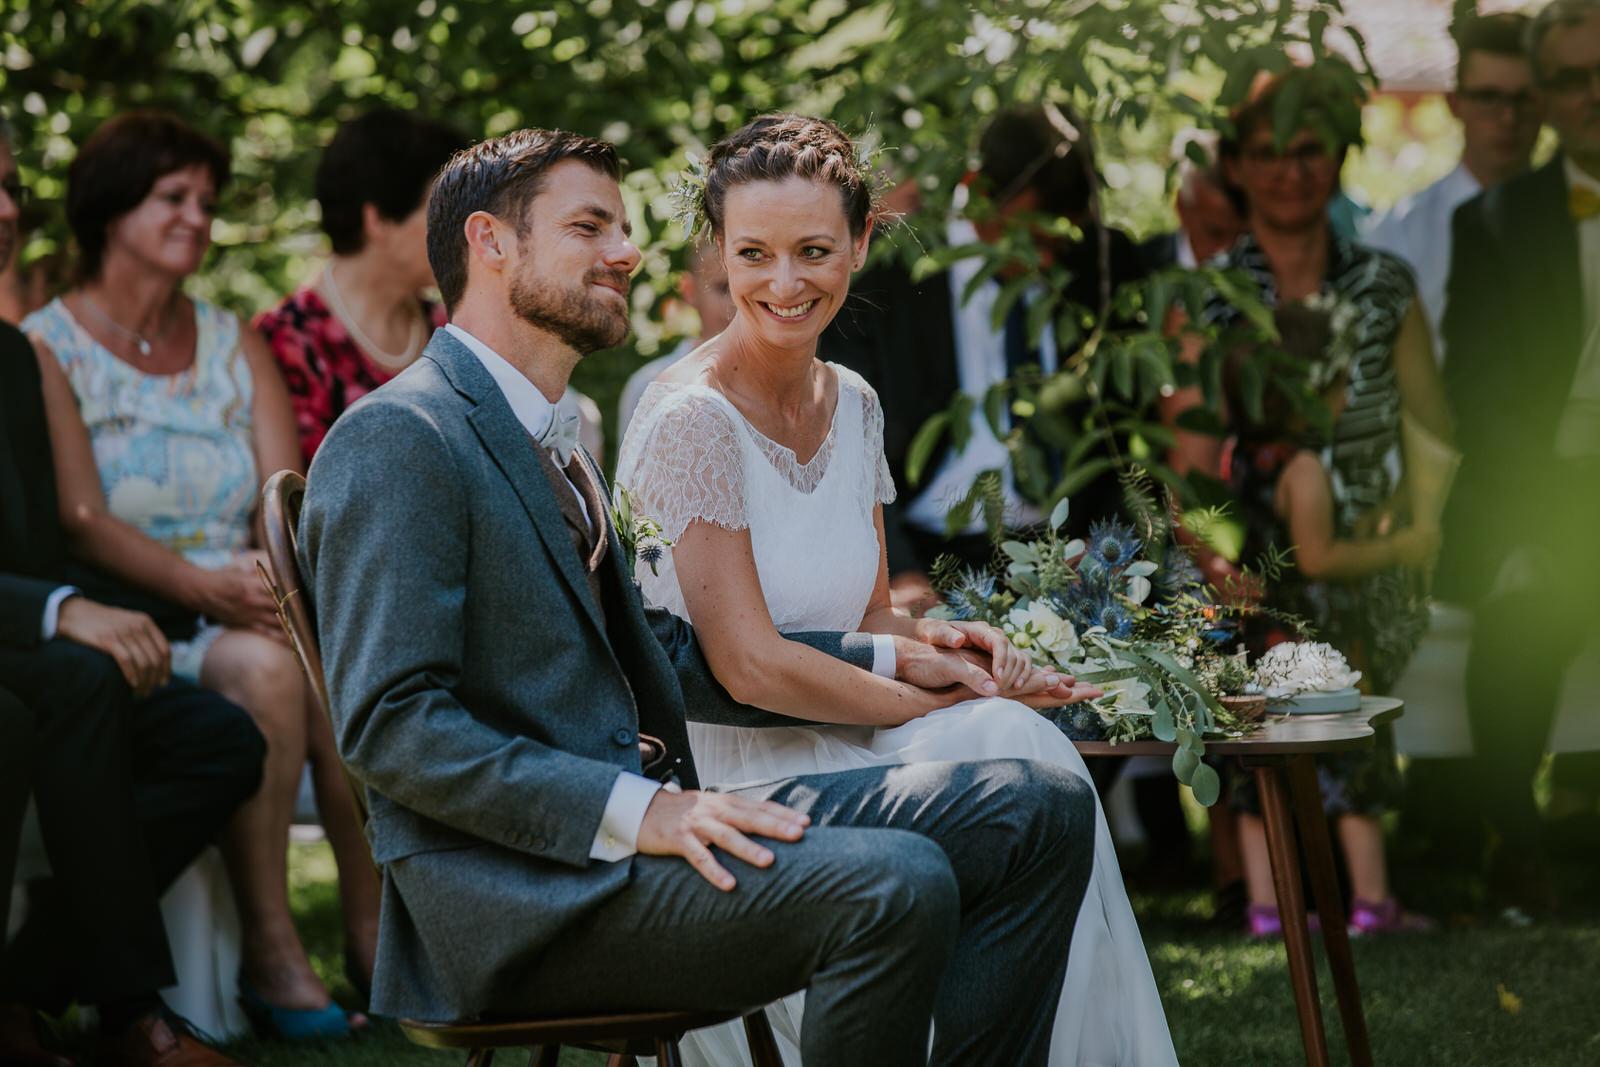 Hochzeit-Augenschmaus-und Gaumenfreuden-Hochzeitsfotograf-382.jpg